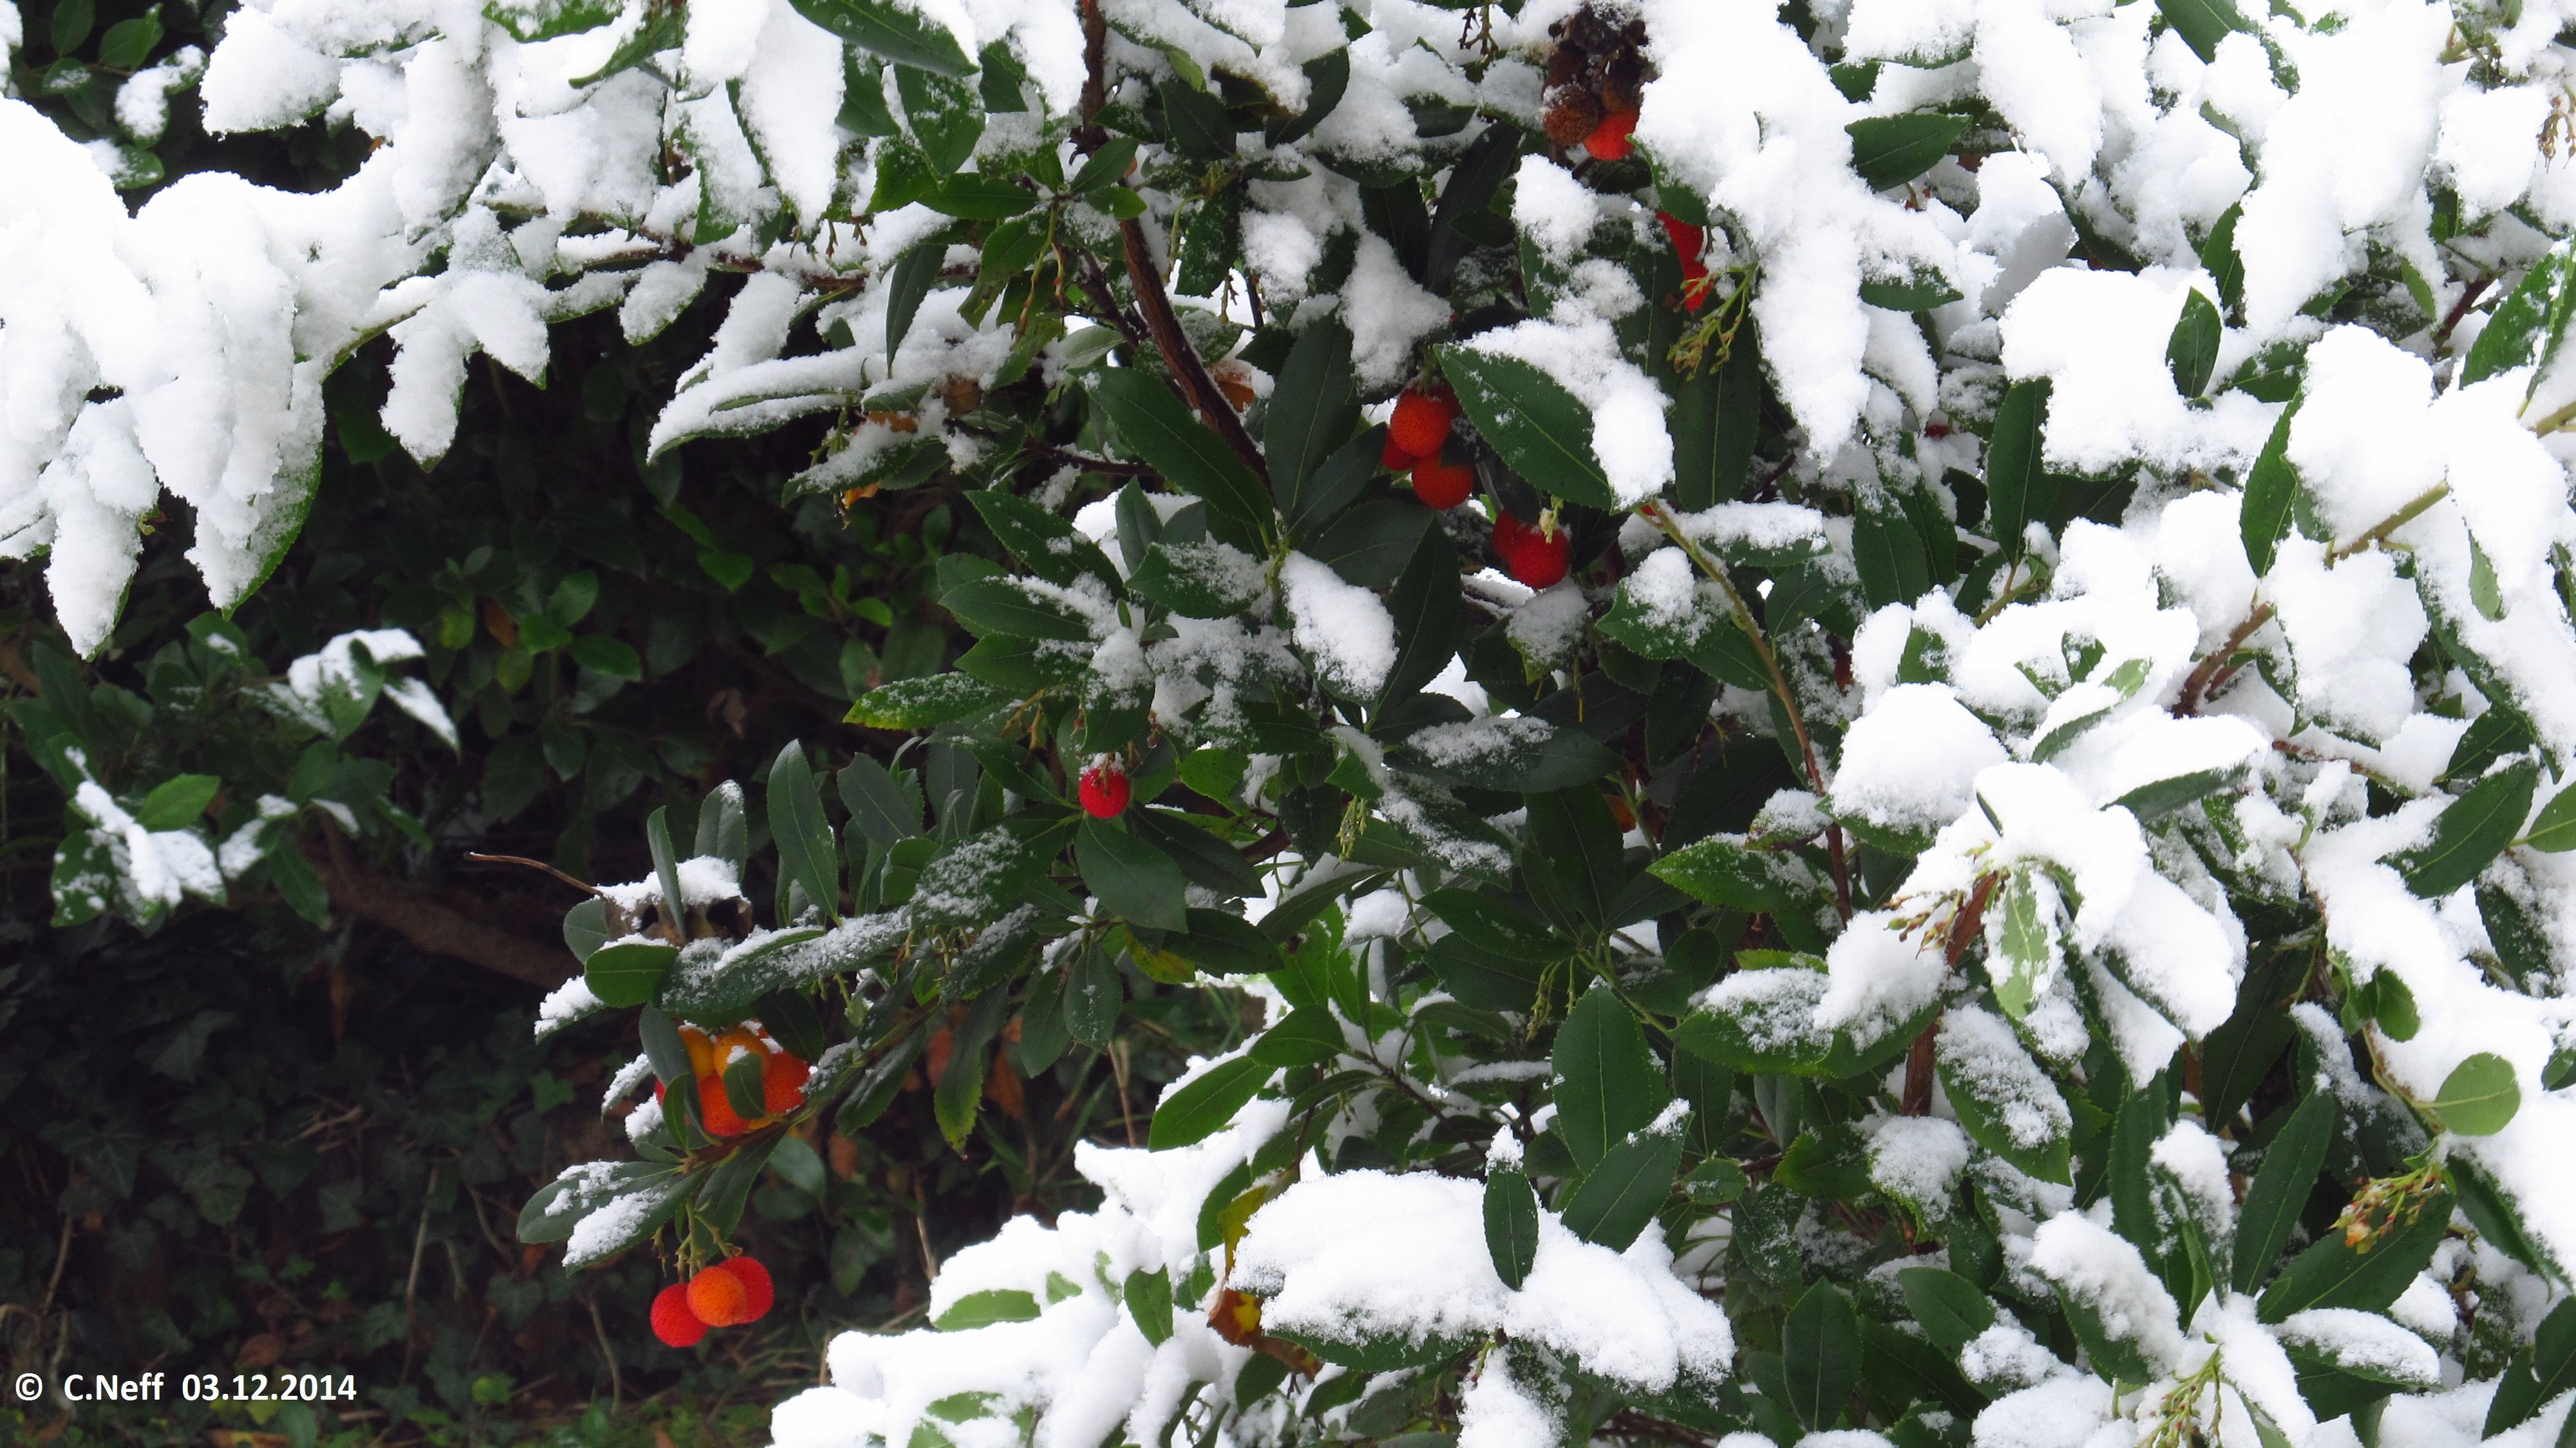 Arbousier et neiges de decembre, Grünstadt 03.12.2014